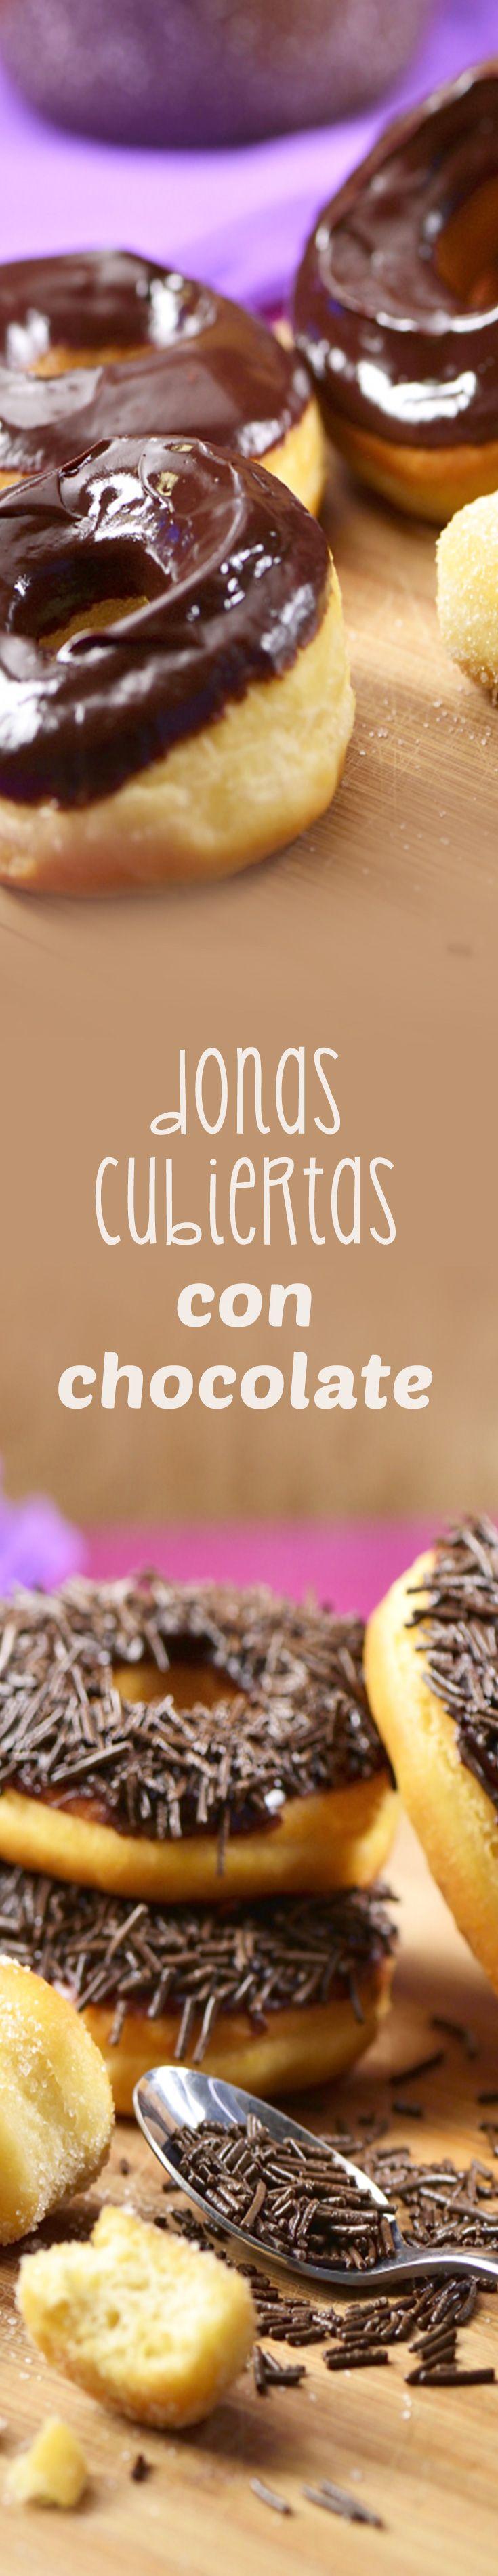 ¡Si quieres la receta de las mejores donas esta es la ideal! La masa es muy fácil de hacer y es dulcecita y muy suave. Decóralas con una rica ganache de chocolate que les da un toque irresistible, y espolvorea con granillo de chocolate, te encantarán.